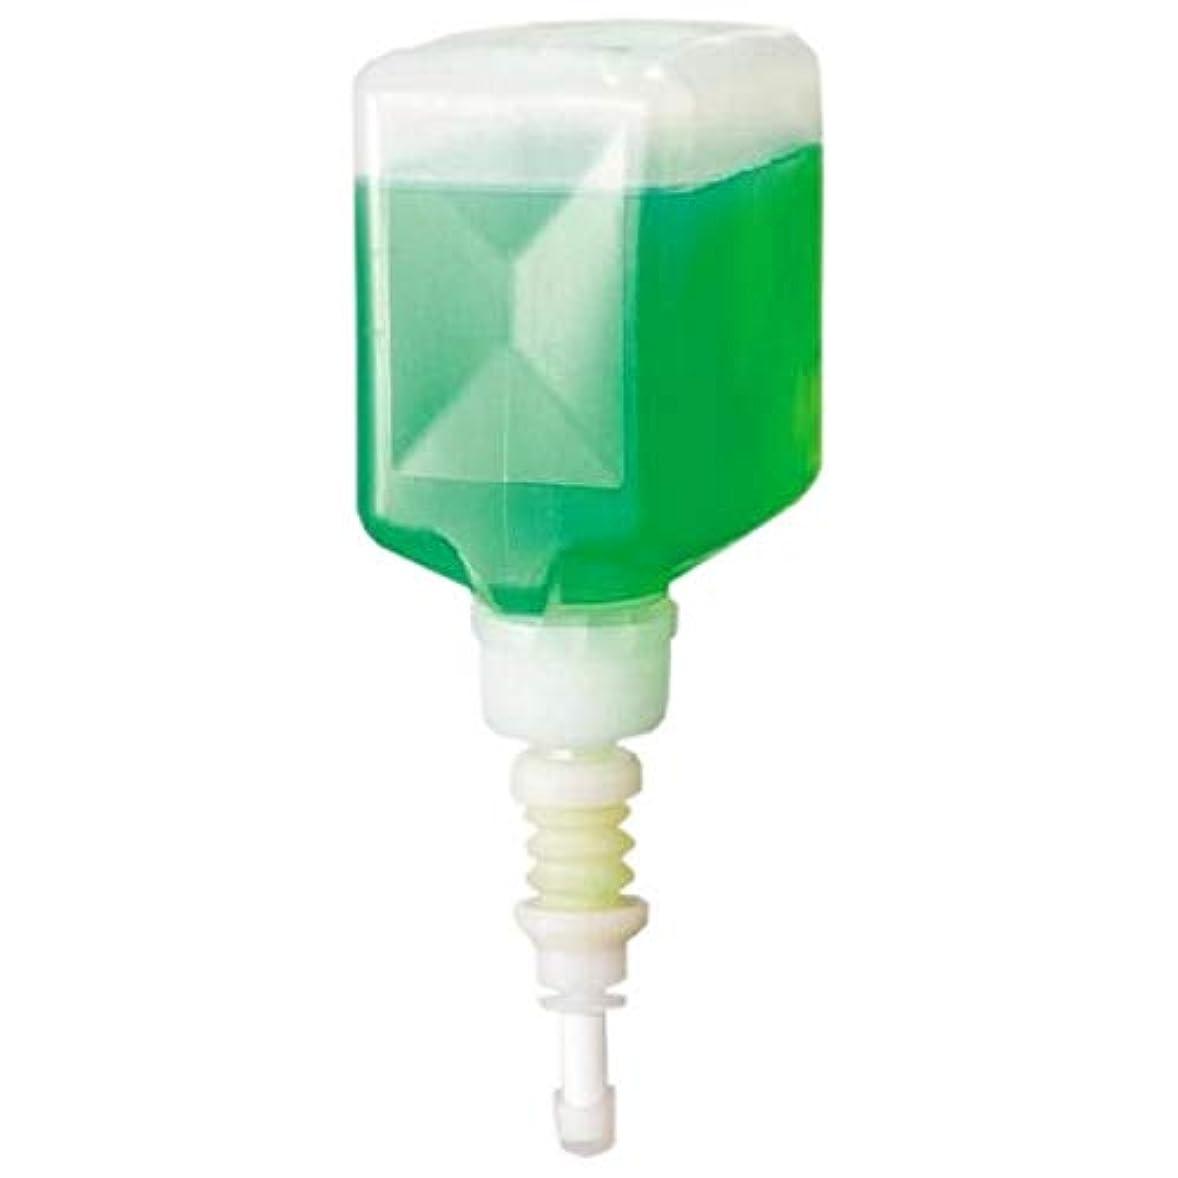 優先モトリースムーズにスタイルデコ シャボネット石けん液Fデコ専用薬液 緑色